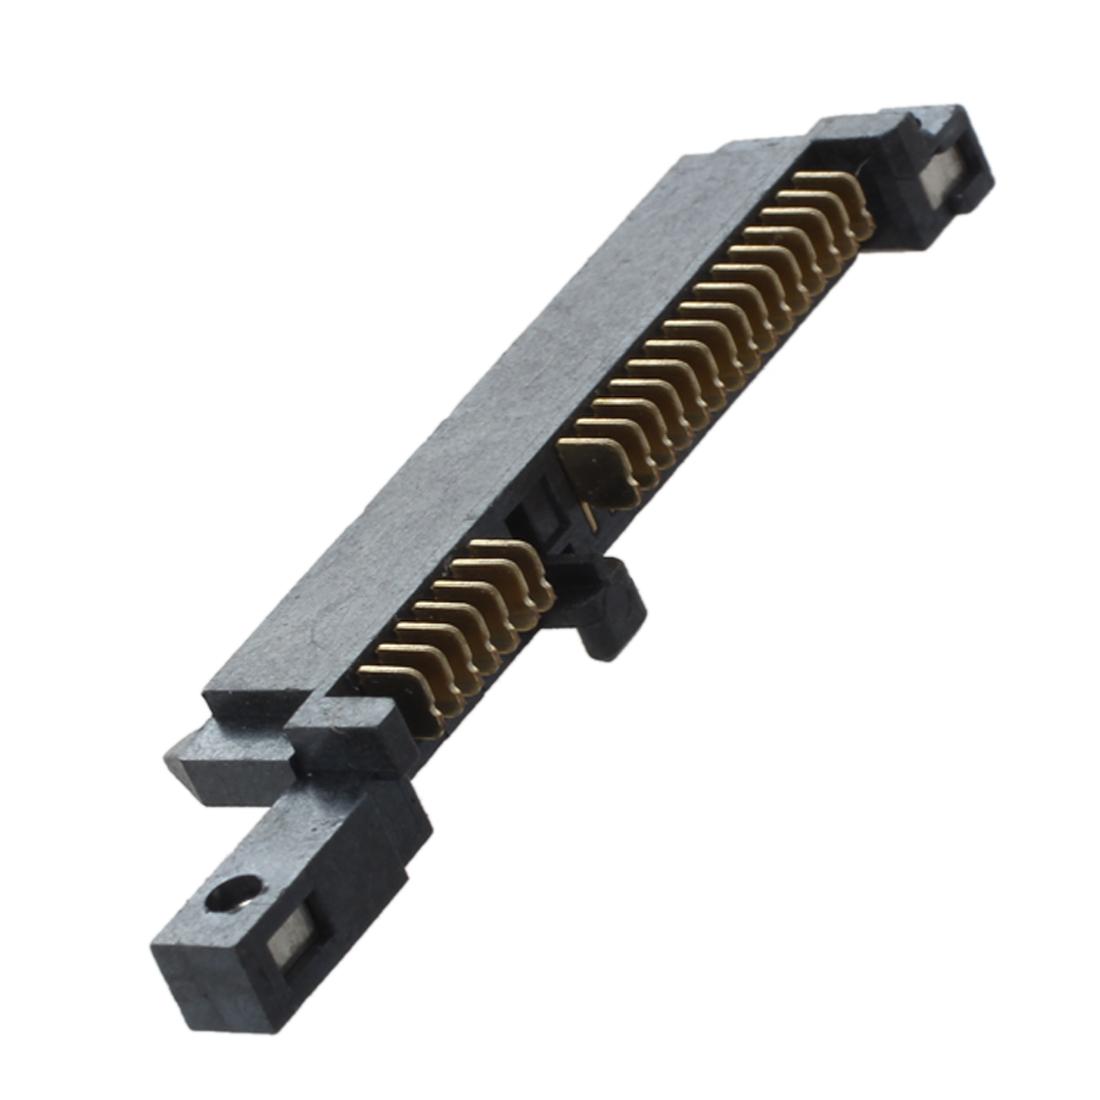 2x sata disque dur caddy connecteur pour pavilion dv9000 for Disque dur exterieur